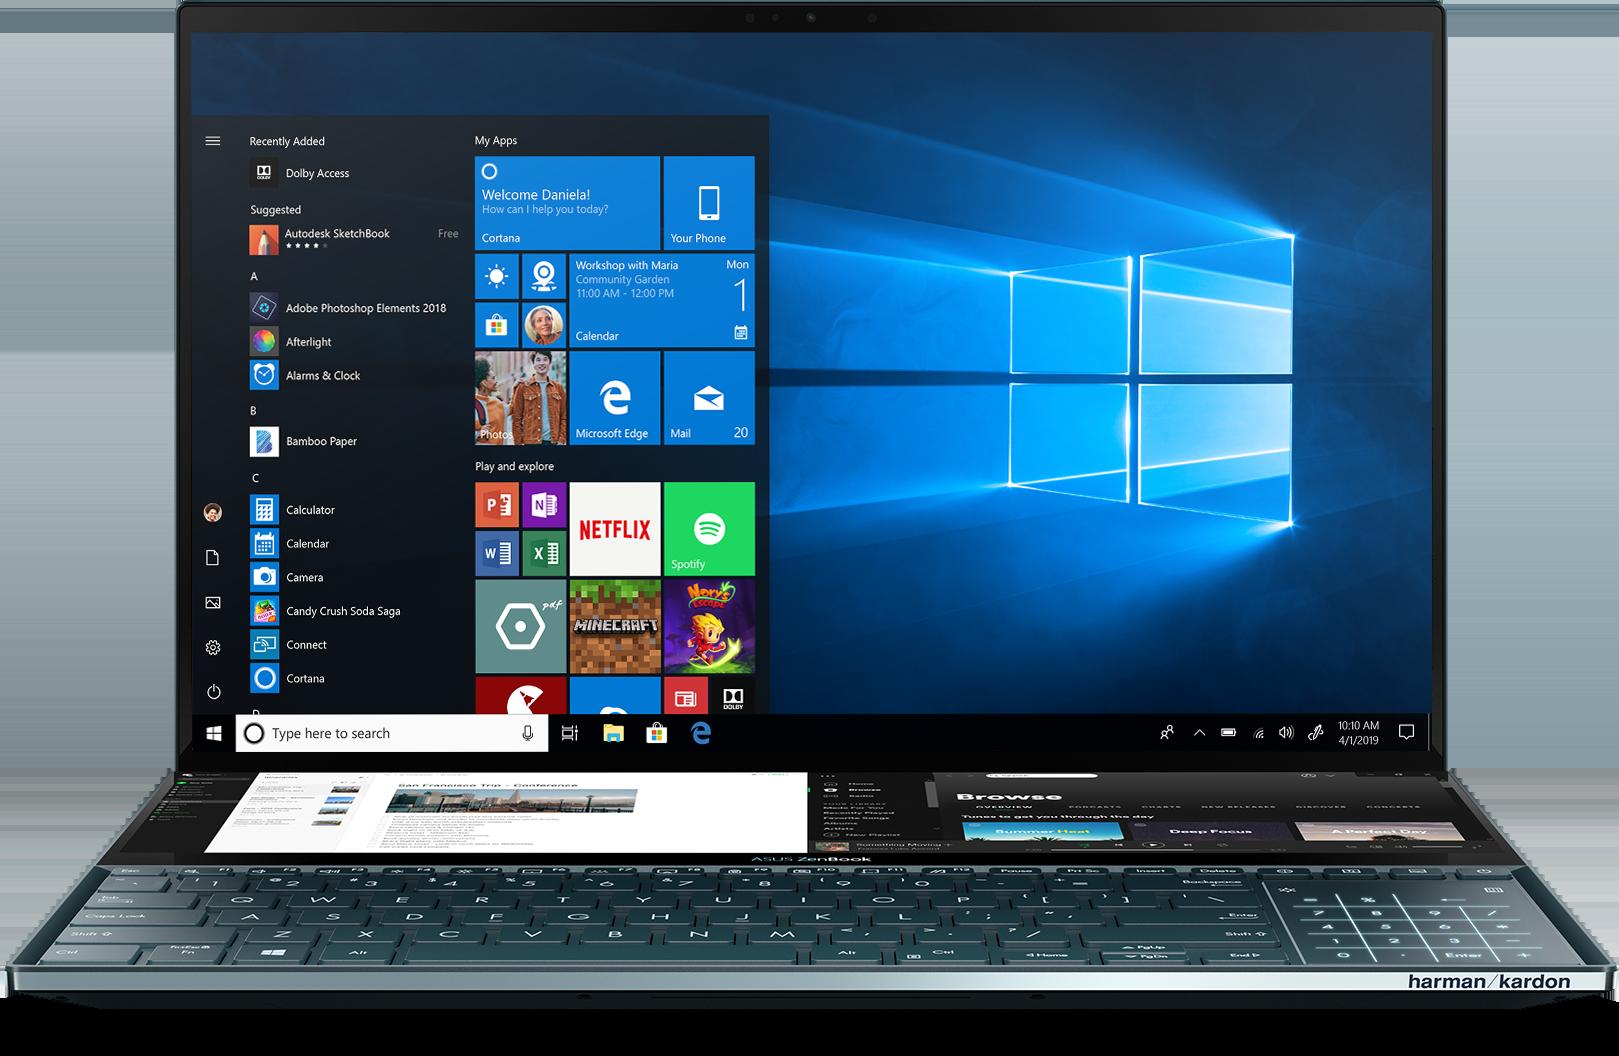 RE3zpXW?ver=3d25 - ASUS Zenbook Pro Duo UX581GV-XB74T Laptop